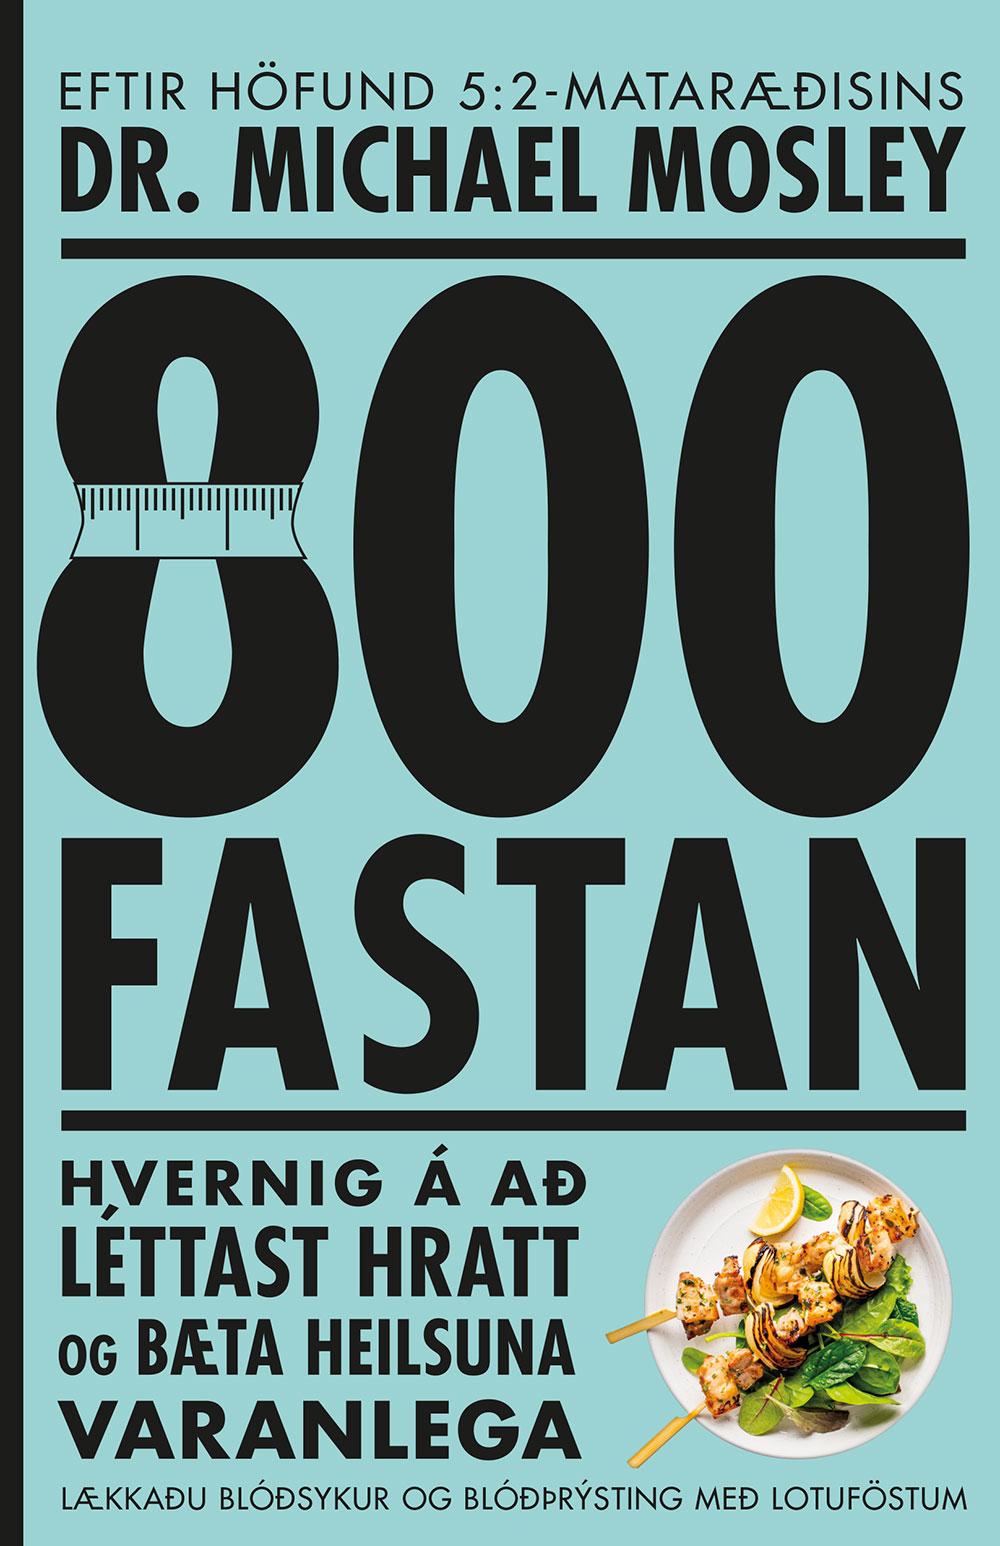 800 - fastan